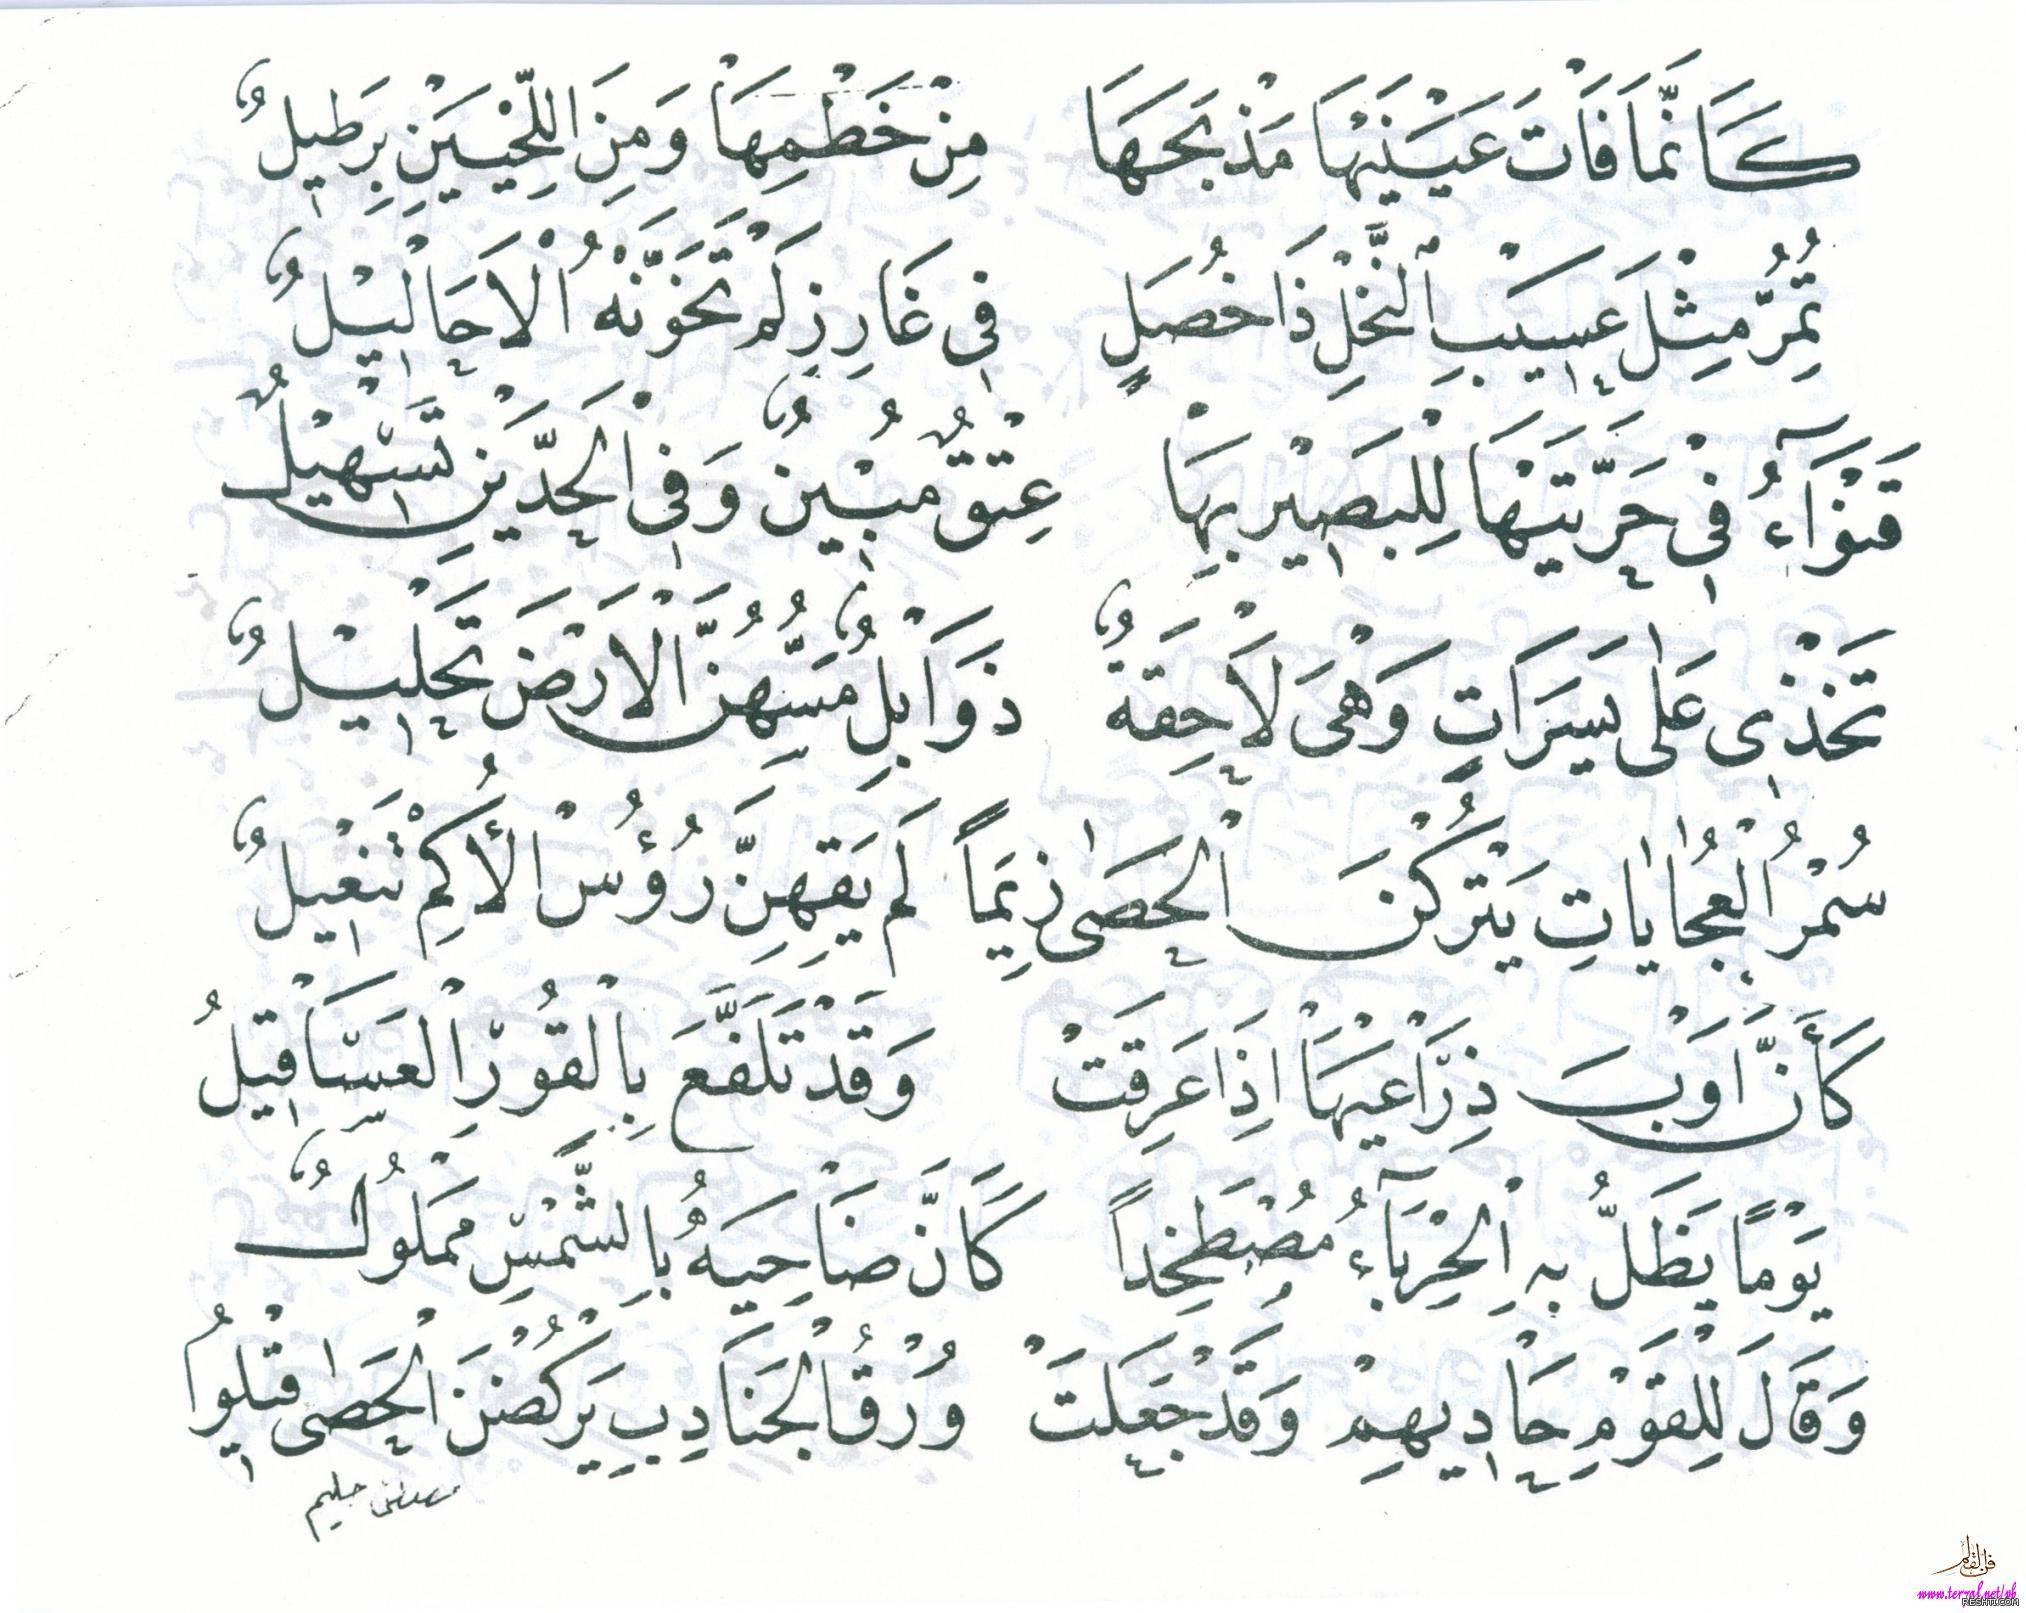 قصيدة بانت سعاد لكعب بن زهير رضي الله عنه بخط مصطفى حليم 6